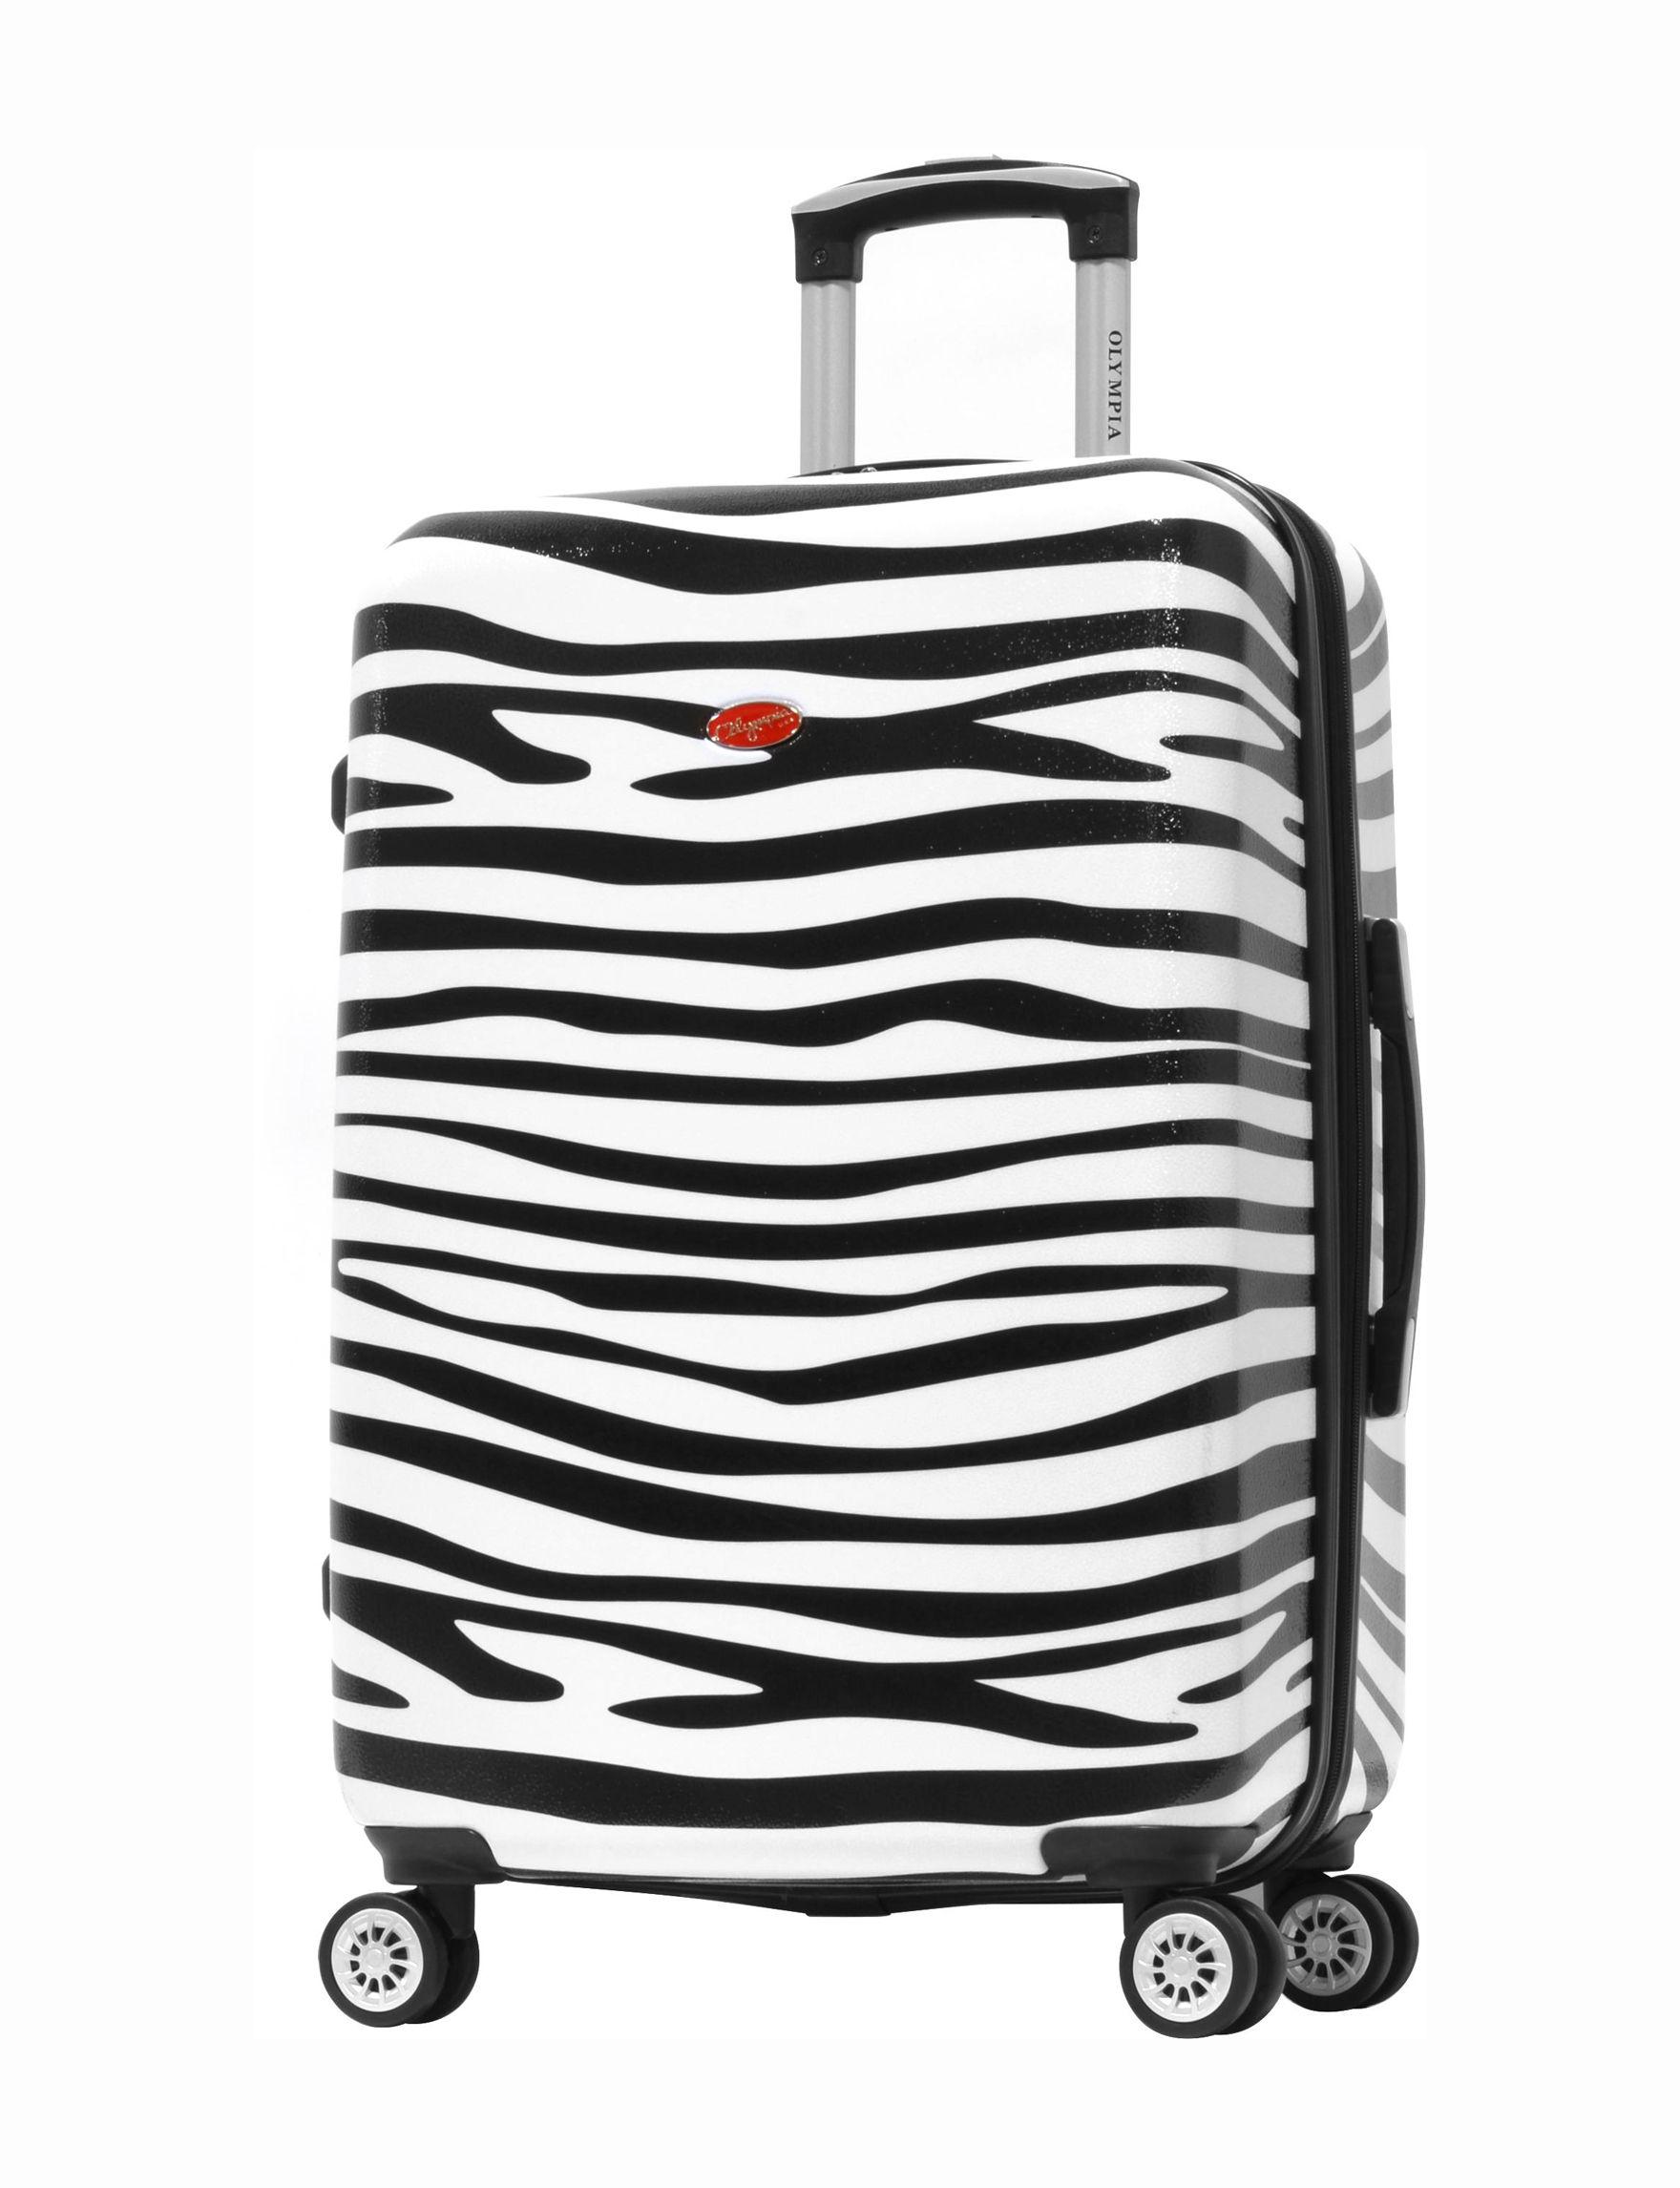 Olympia Zebra Hardside Luggage Sets Upright Spinners